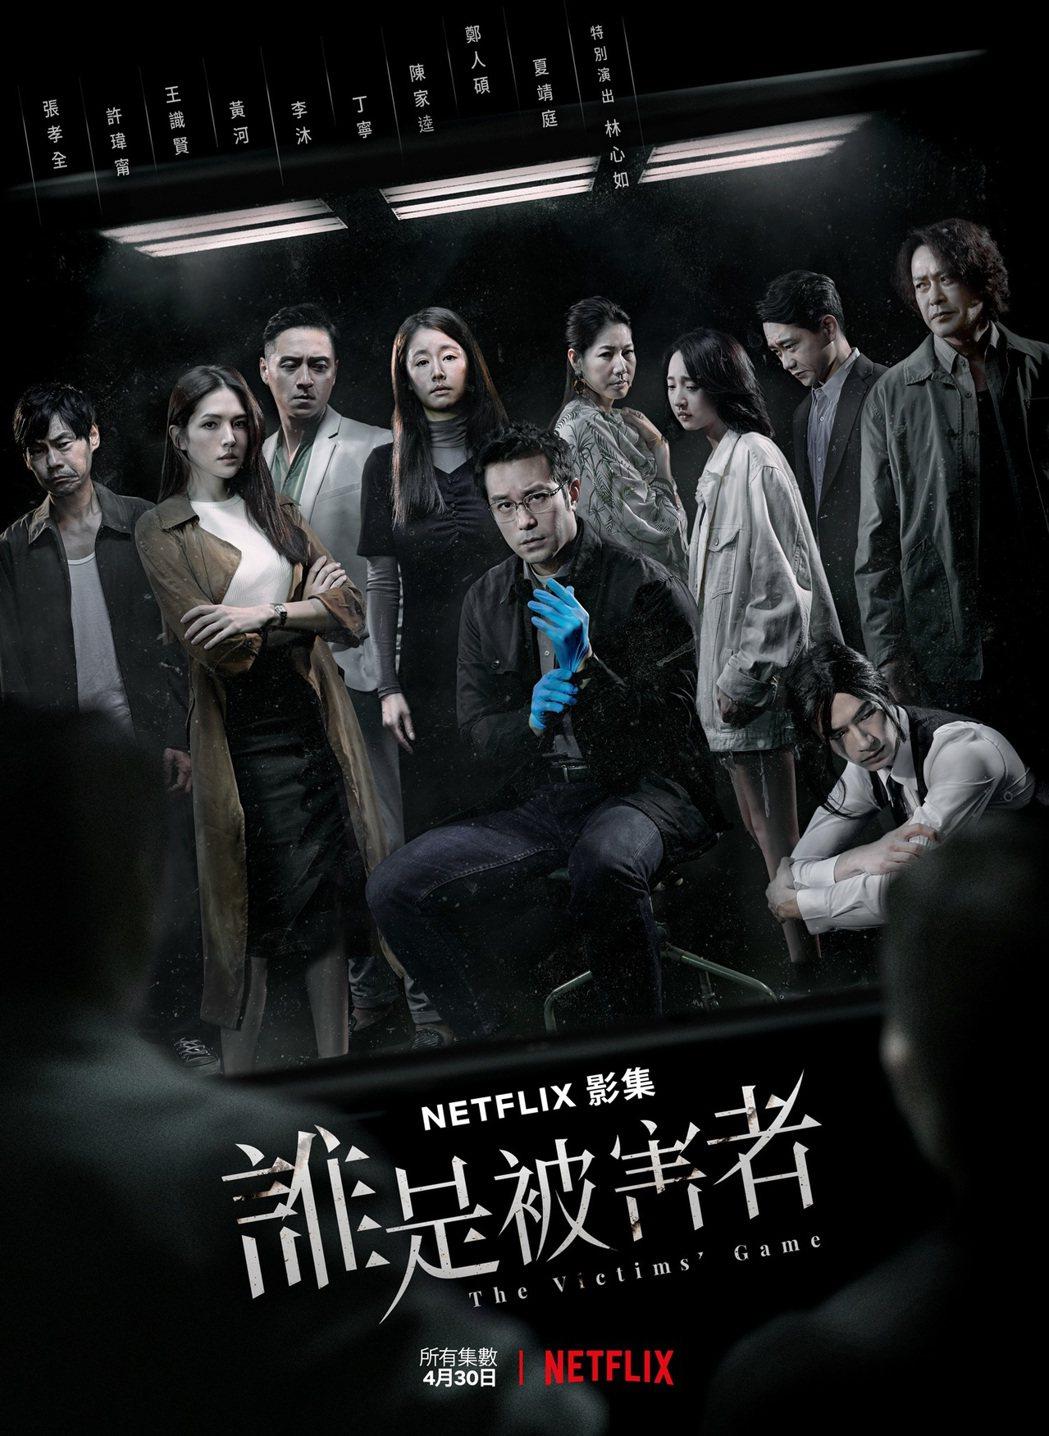 「誰是被害者」海報曝光。圖/Netflix提供